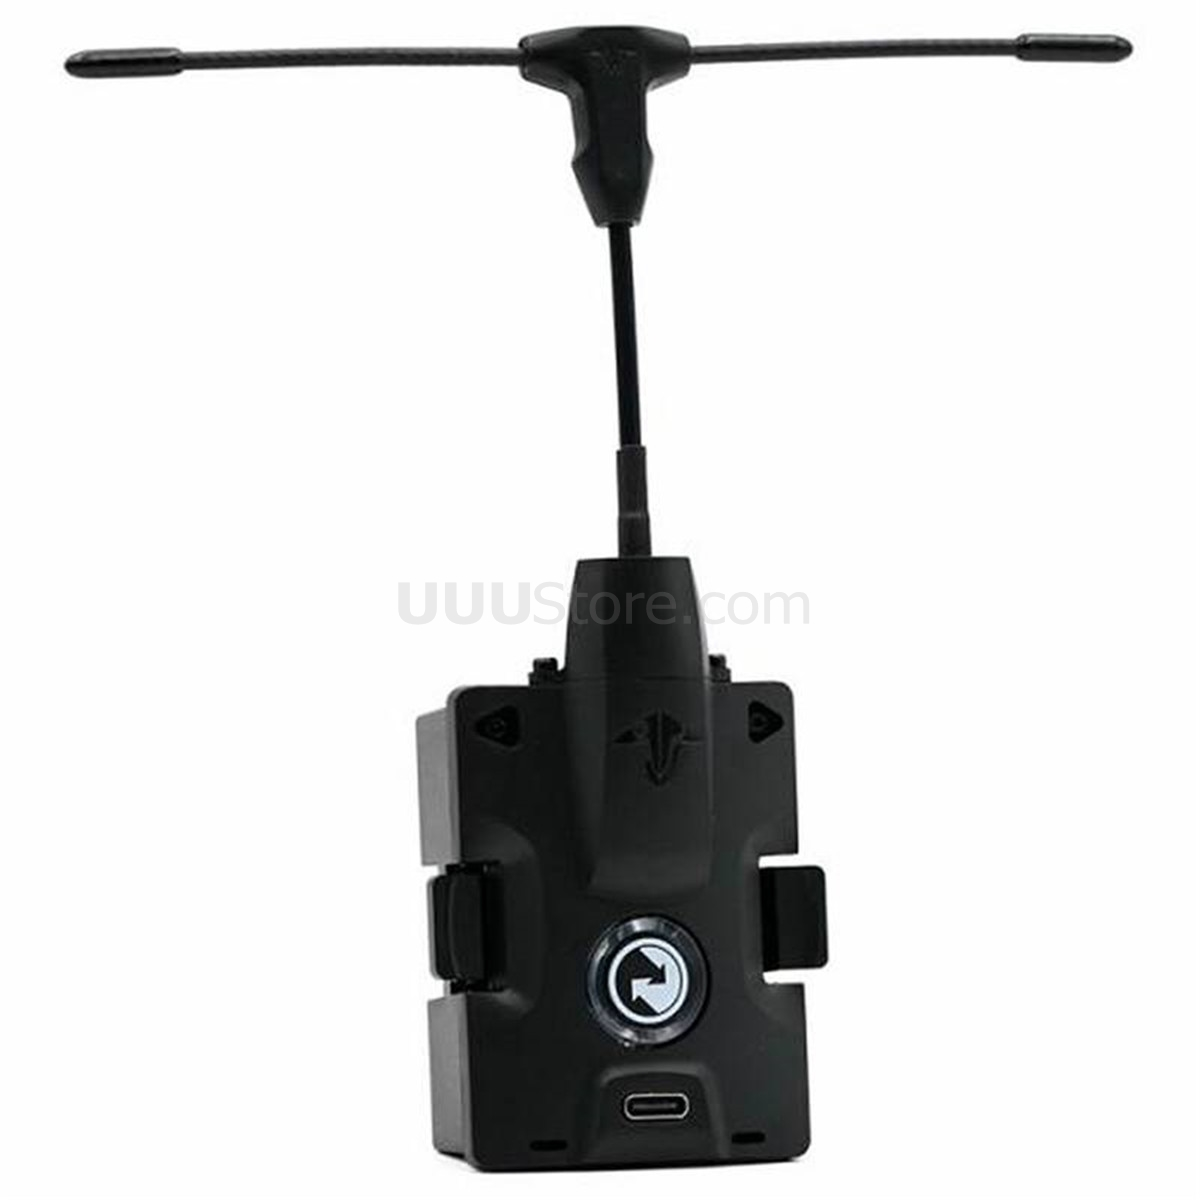 Original TBS Team BlackSheep Crossfire Micro Sender CRSF TX V2 915/868Mhz Long Range Radio System RC FPV racing Drone